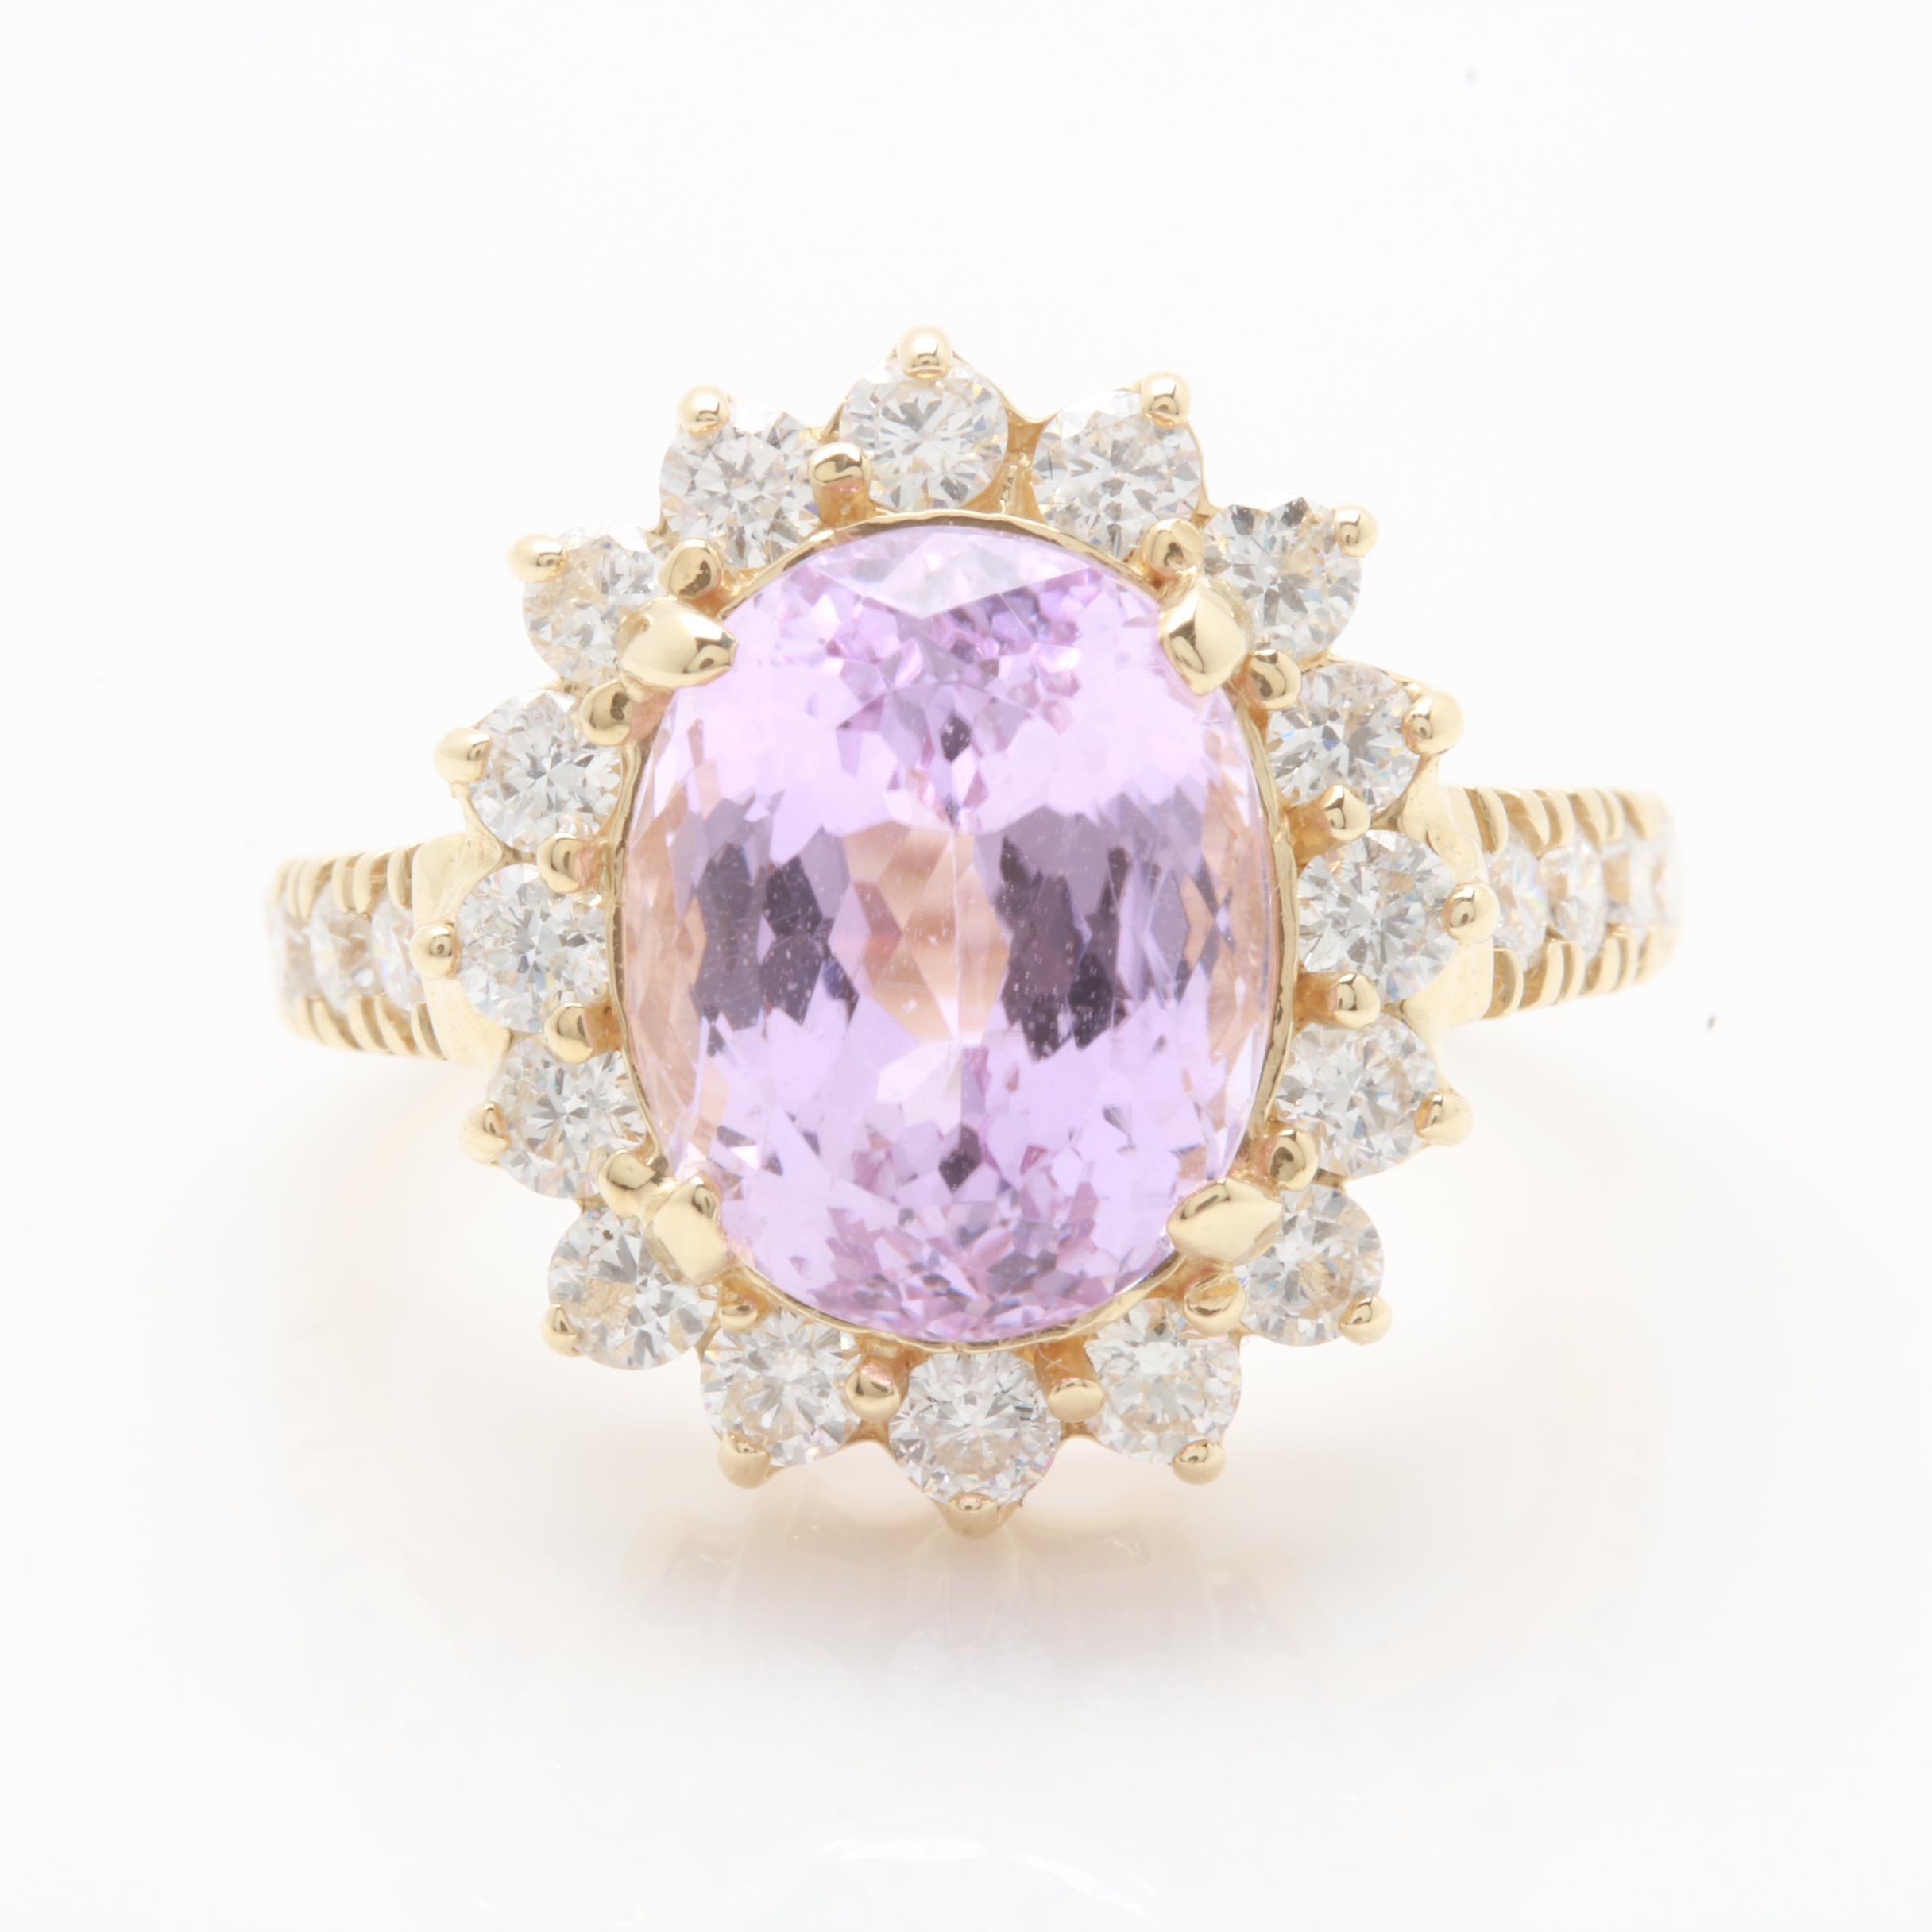 14K Yellow Gold 4.23 CT Kunzite and 1.05 CTW Diamond Ring